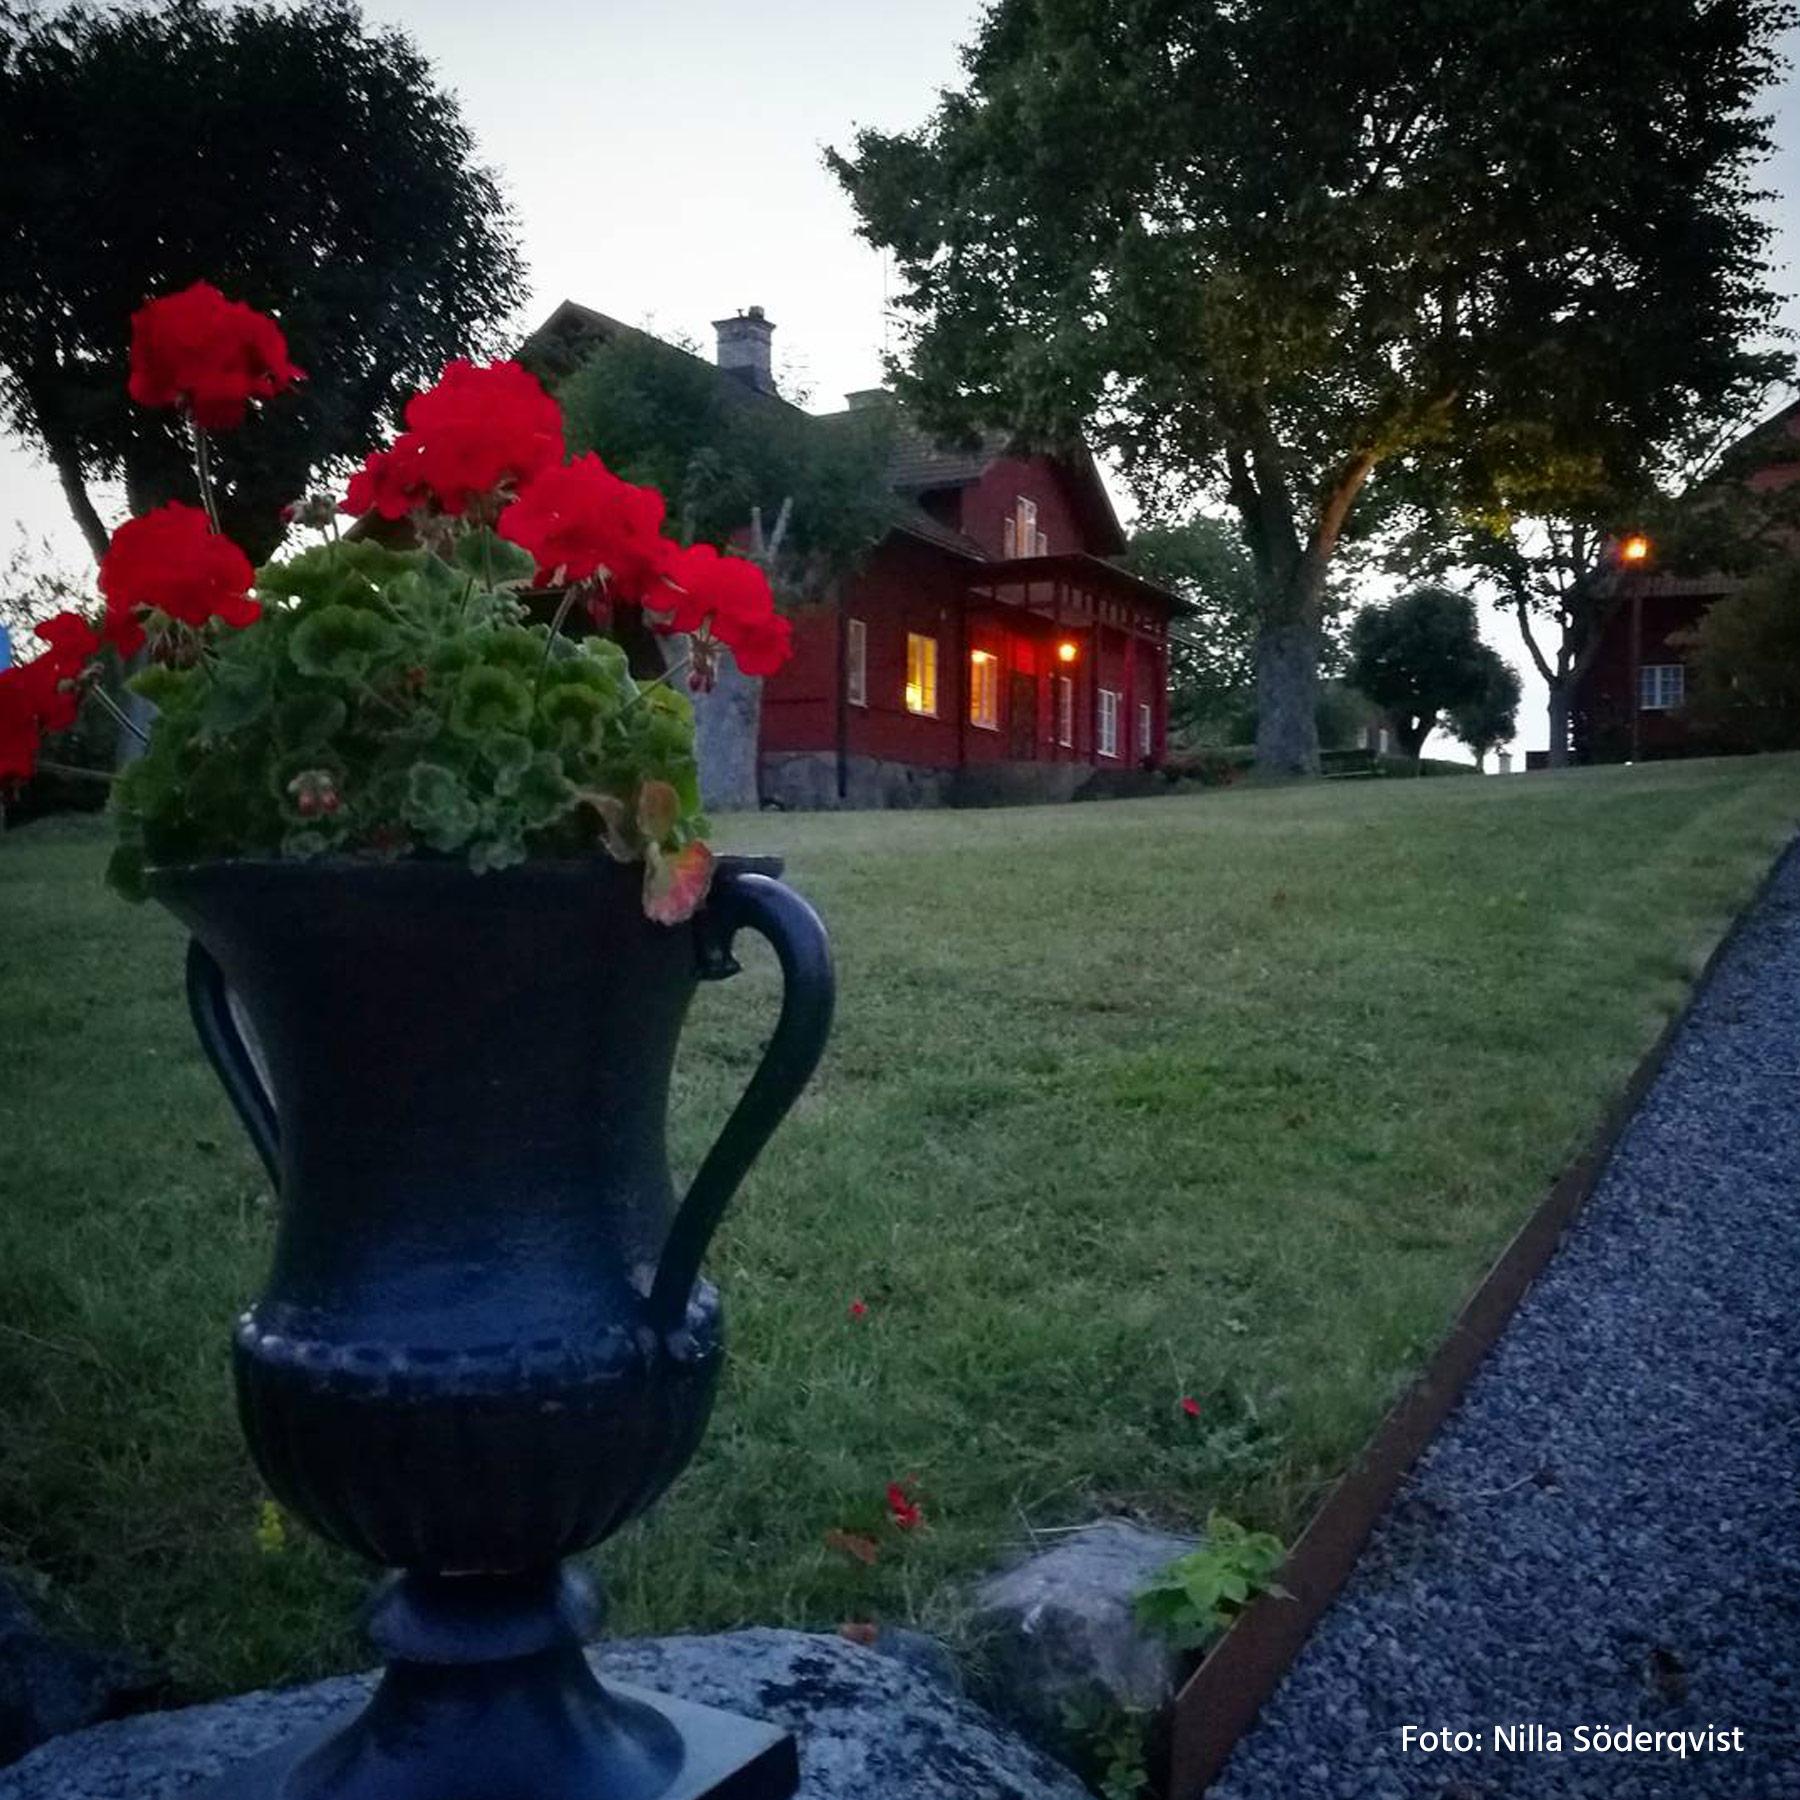 Väder i skärgården - Ornö - Säby gård - röda rosor